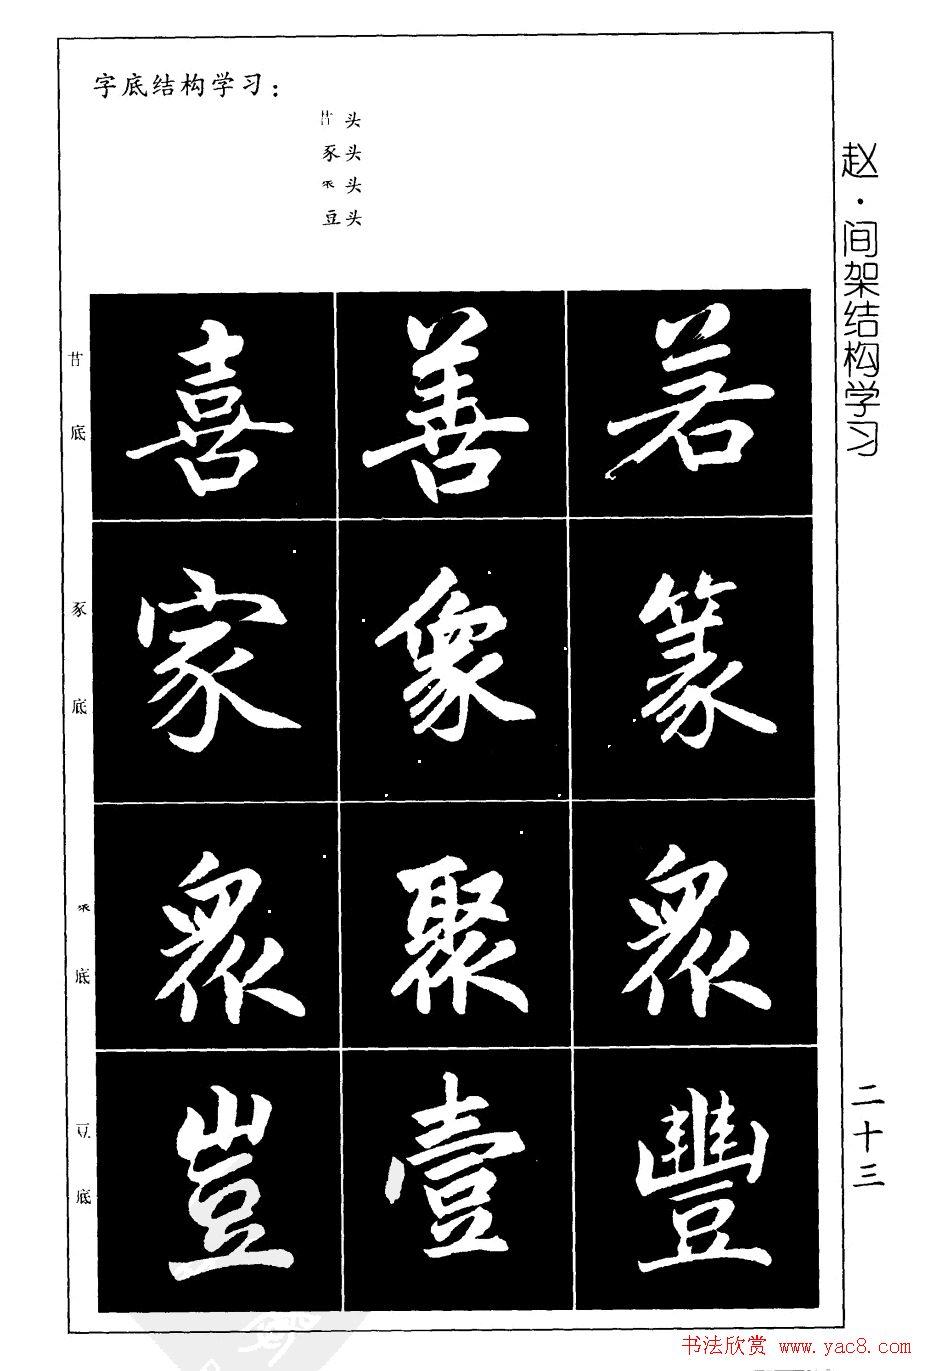 赵孟頫楷书习字帖放大图片44P 第23页 楷书字帖 书法欣赏